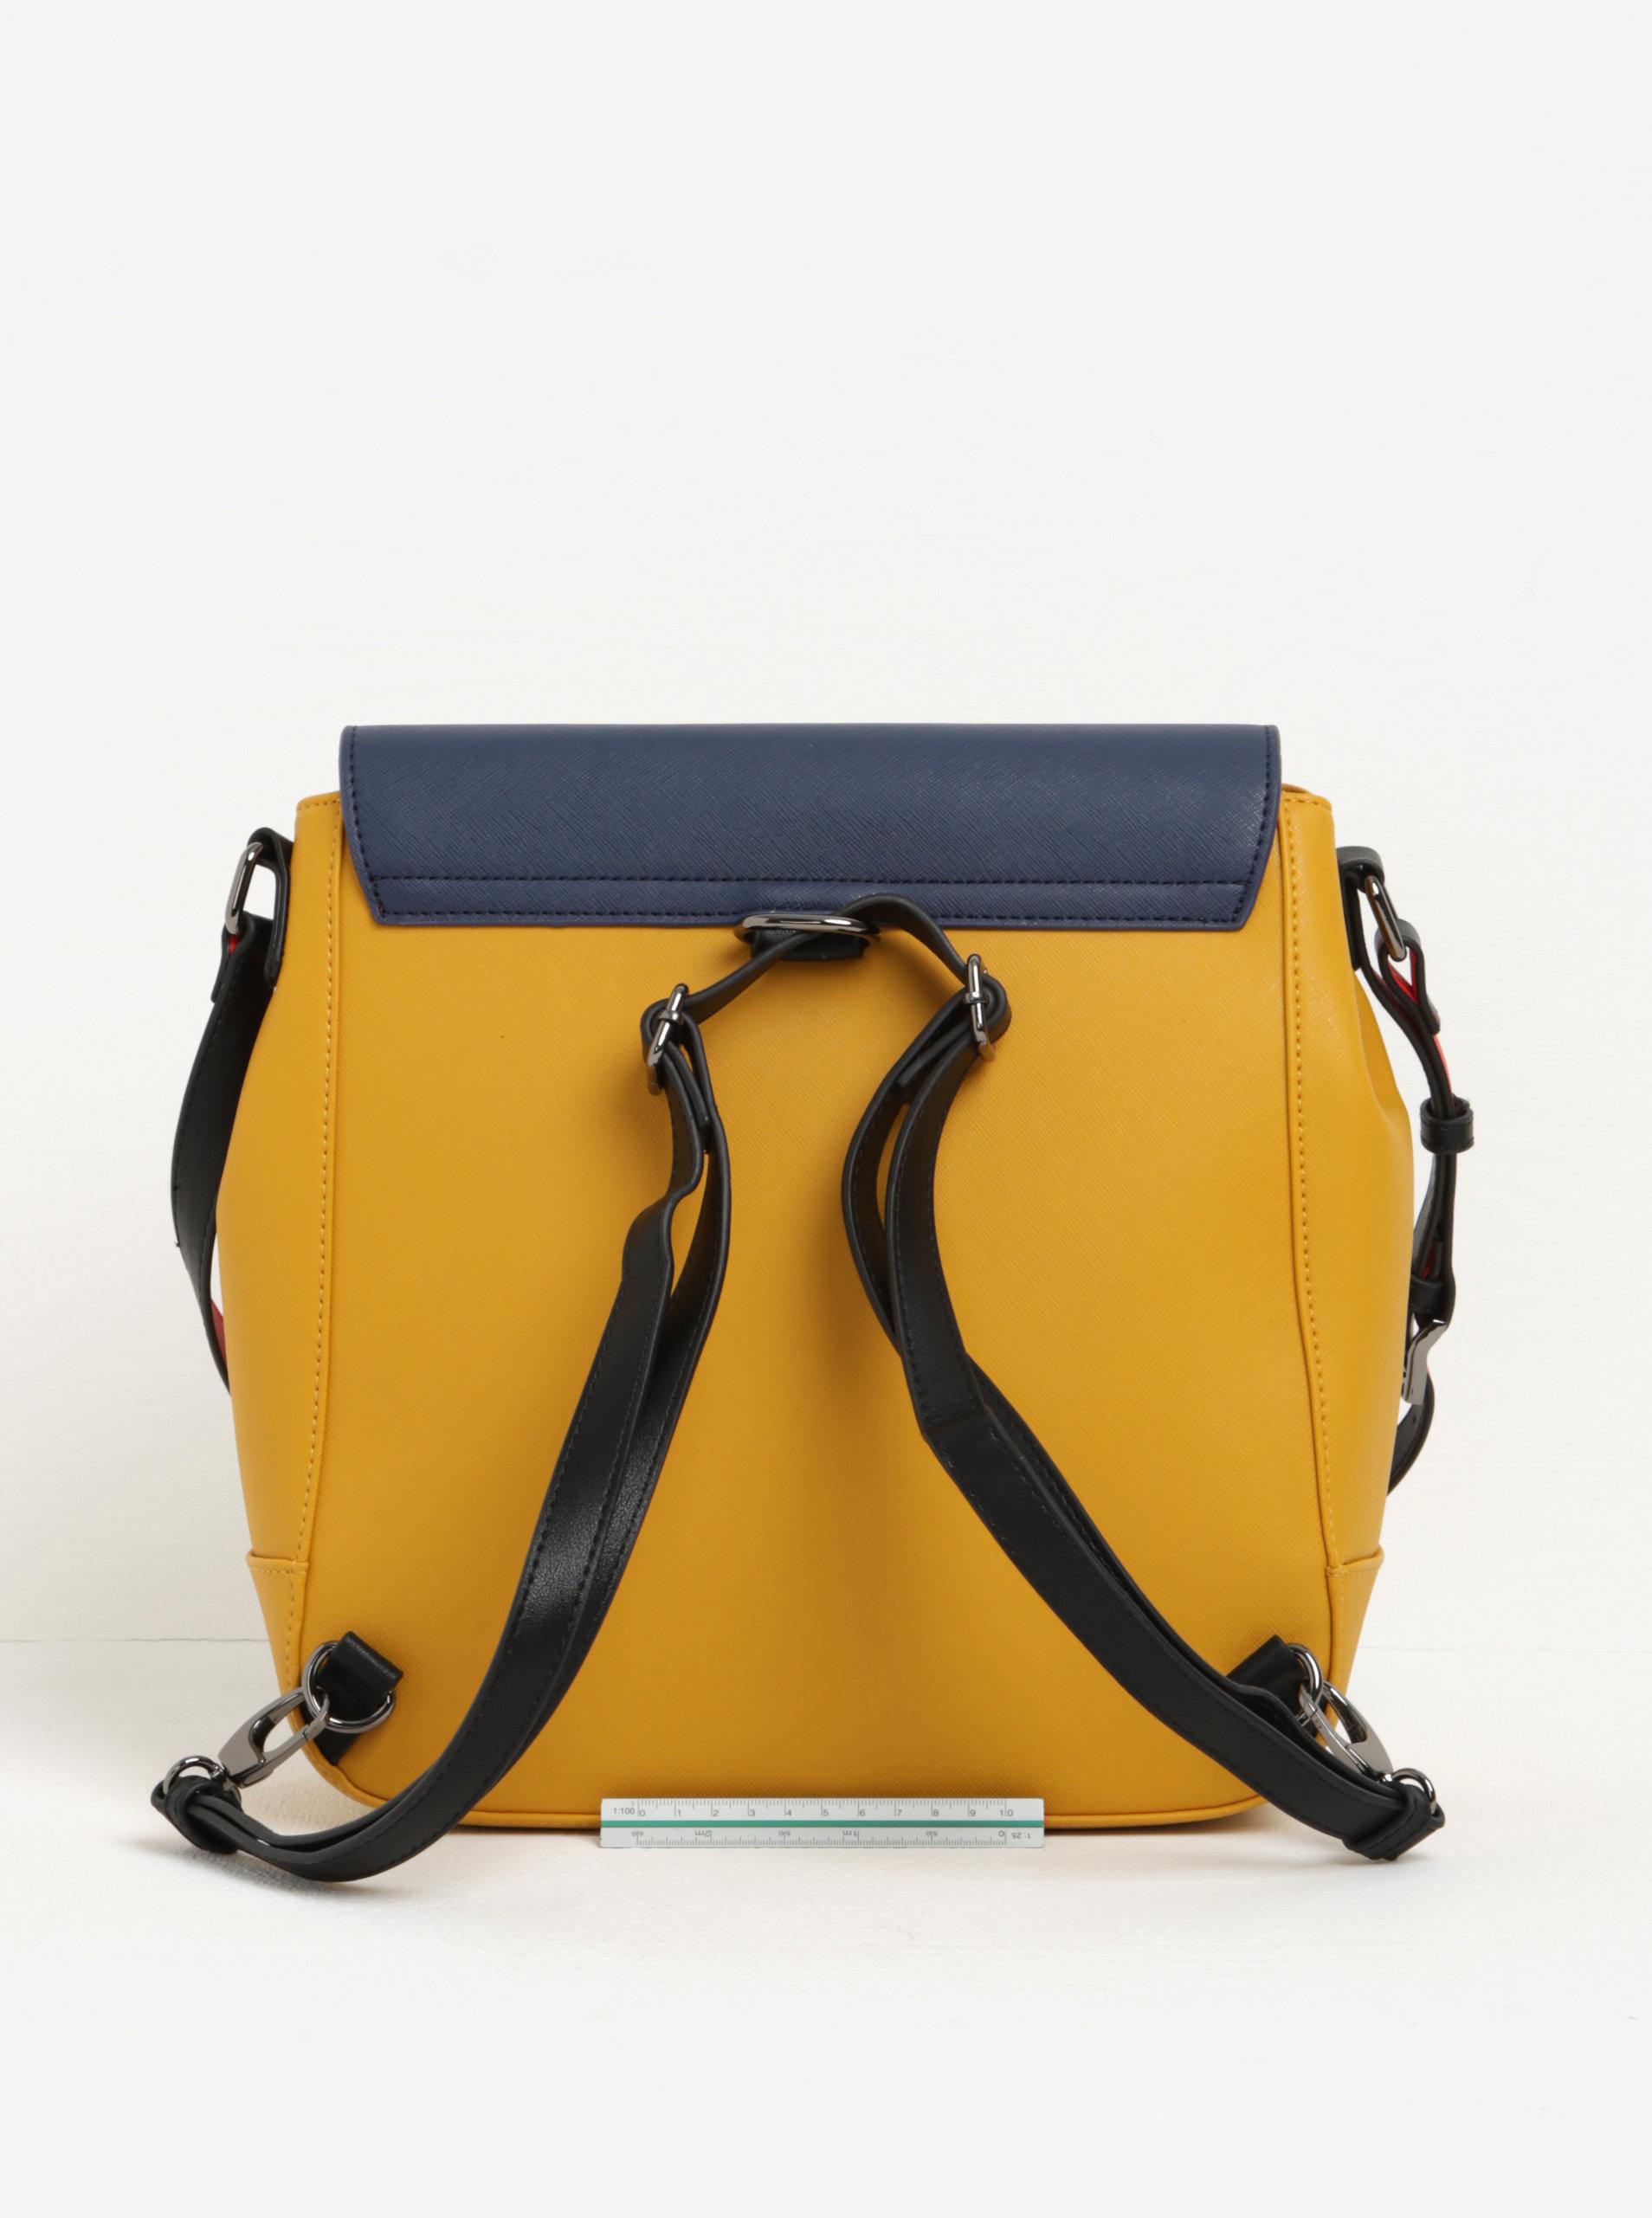 a888d81b2c Žluto-modrá kabelka batoh 2v1 s červenými detaily Paul s Boutique Zena ...